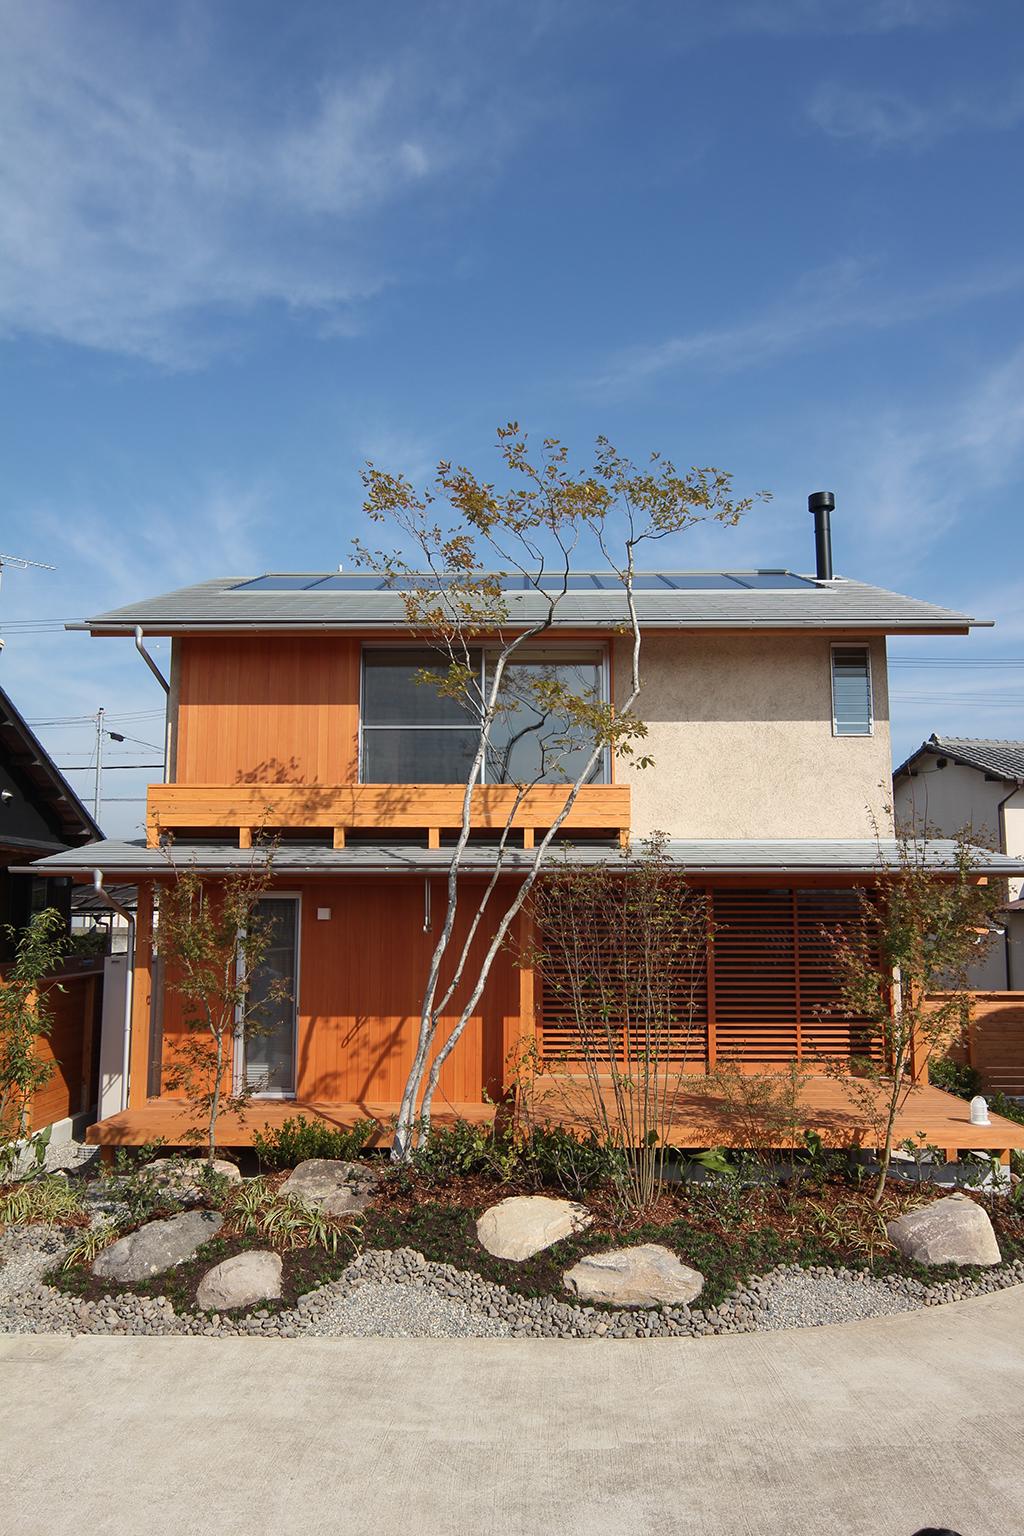 姫路市の木の家 庭からそとん壁の外観を見る